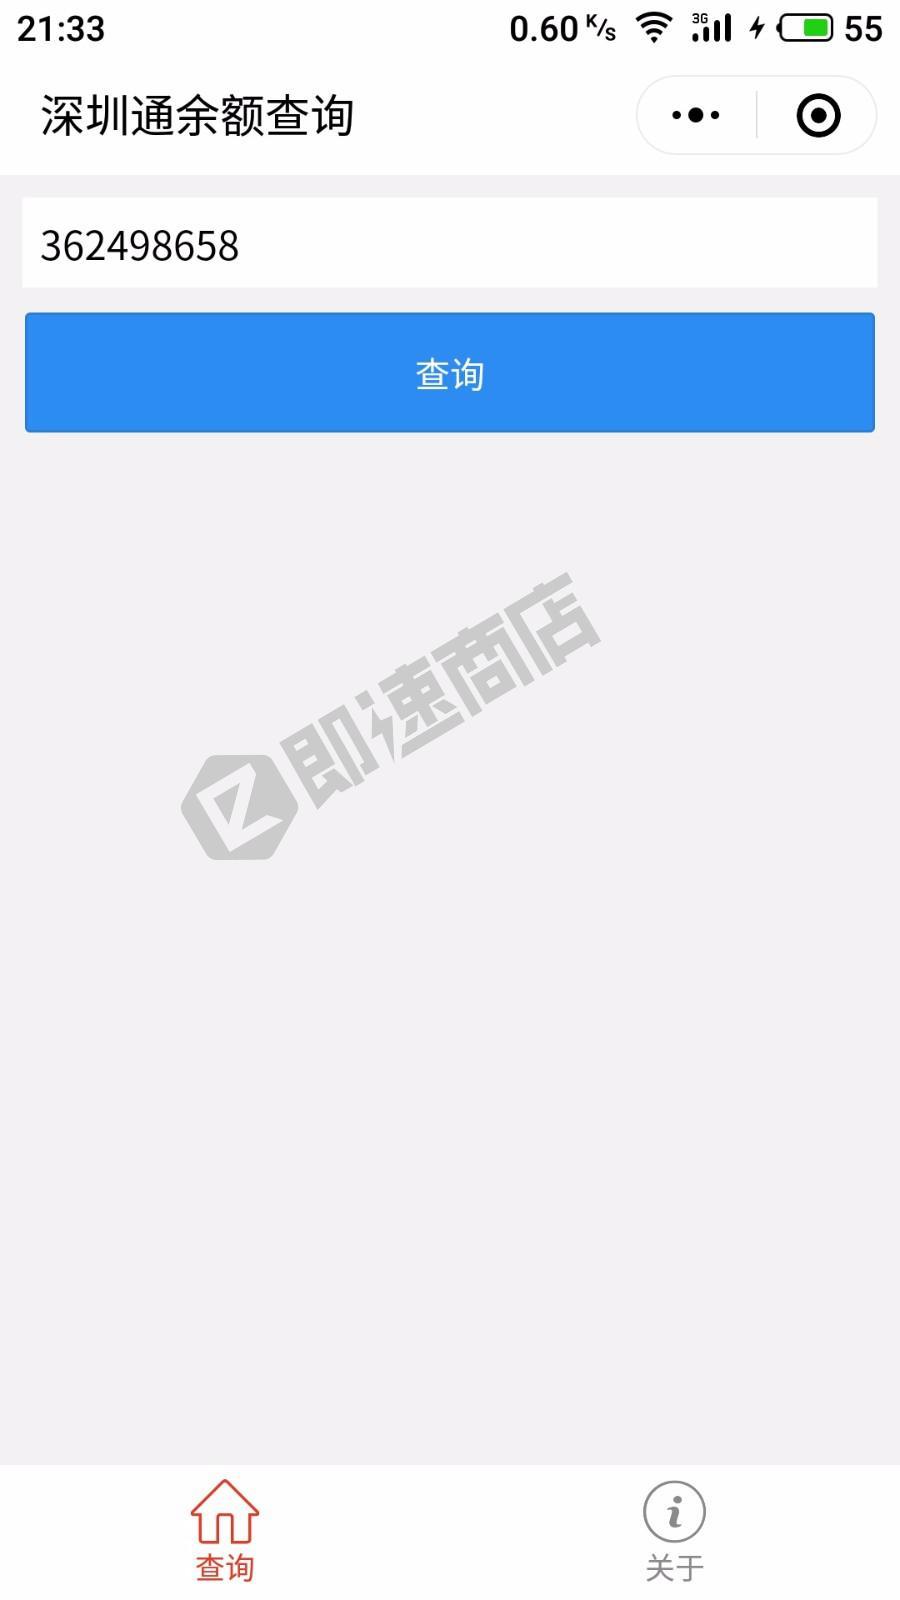 深圳通余额小程序首页截图